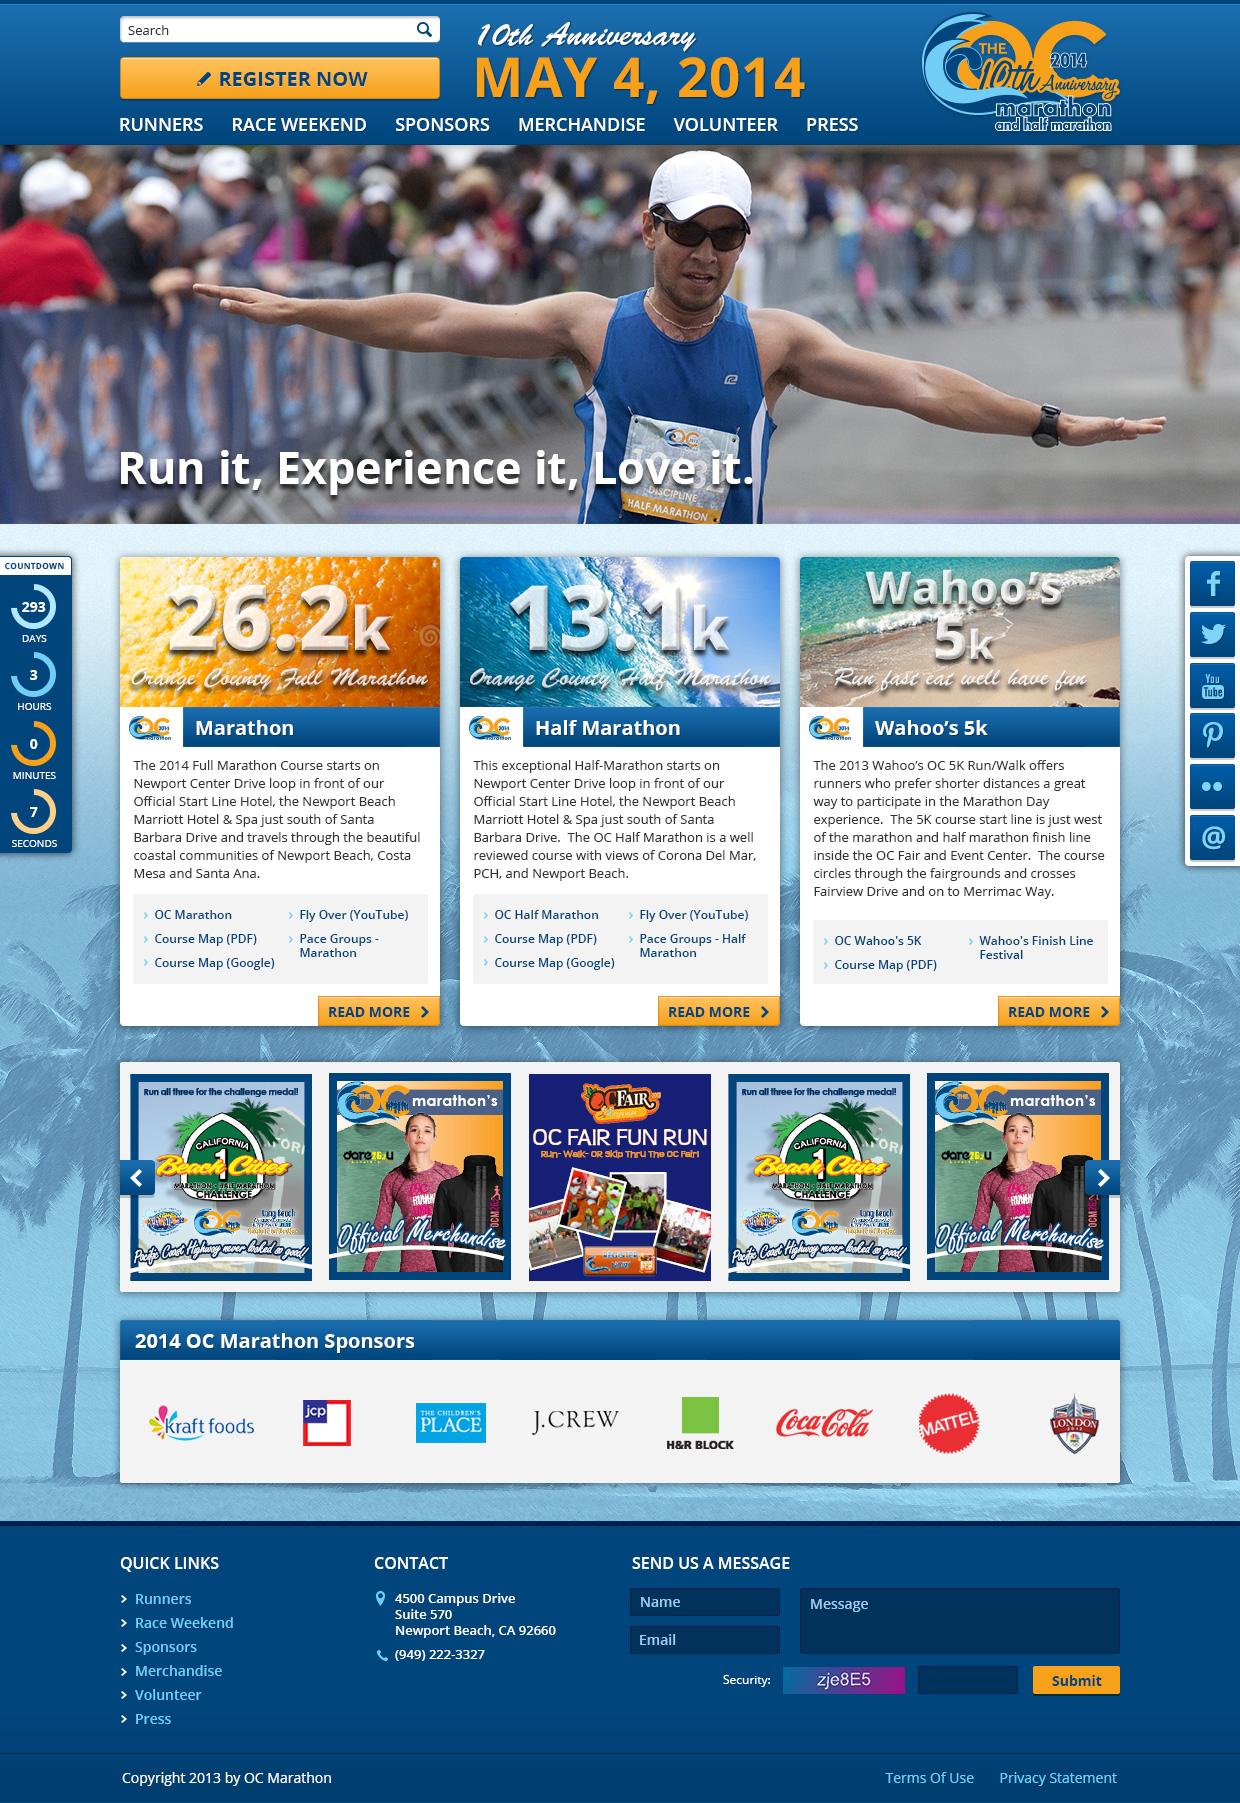 oc-marathon-03v08